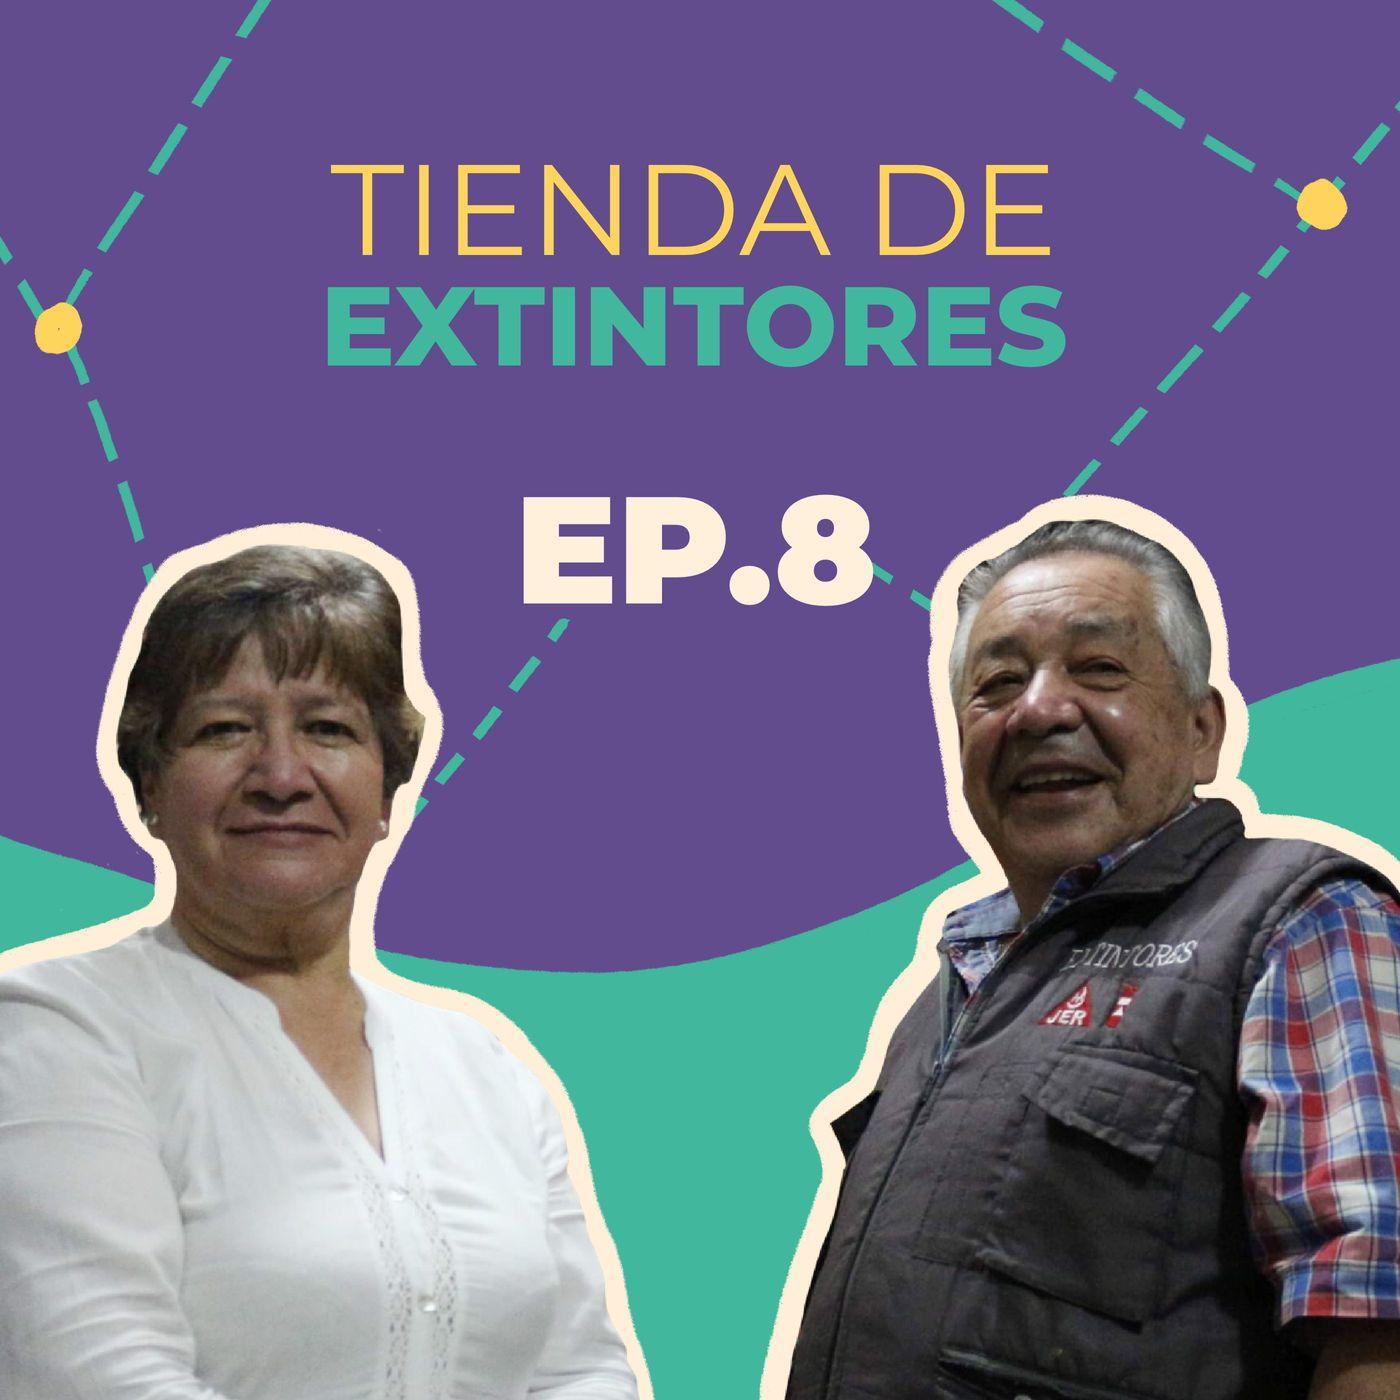 Especial Tienda de extintores en el 7 de agosto, Bogotá | Bacatáfono: Historia entre-tiendas | EP8.T2